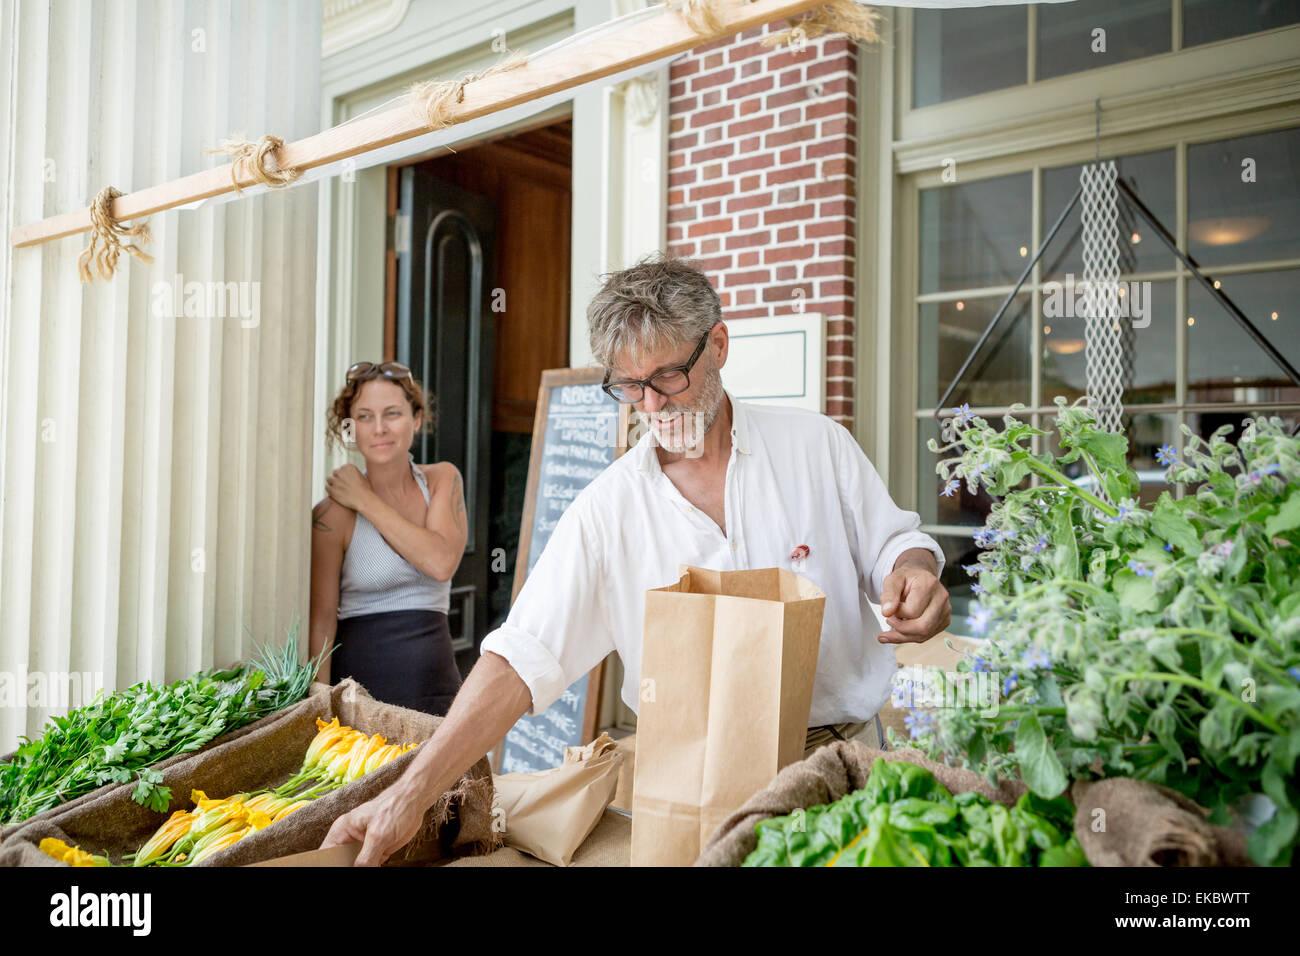 Agricoltore la vendita di alimenti biologici in stallo al di fuori del negozio Immagini Stock